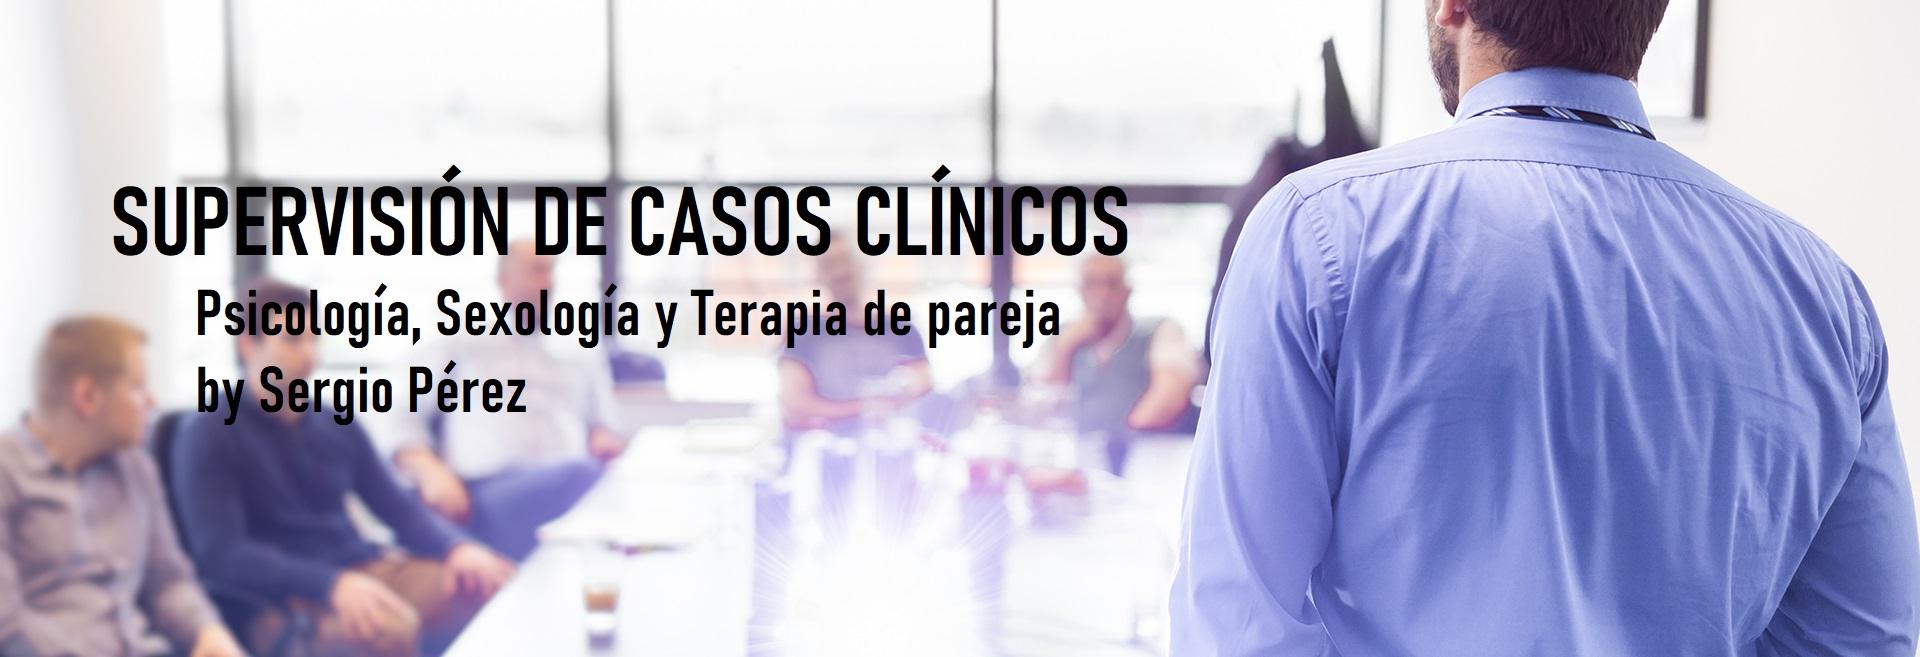 Servicio de supervisión clínica en terapia sexual y de pareja para psicólogos y psicólogas.